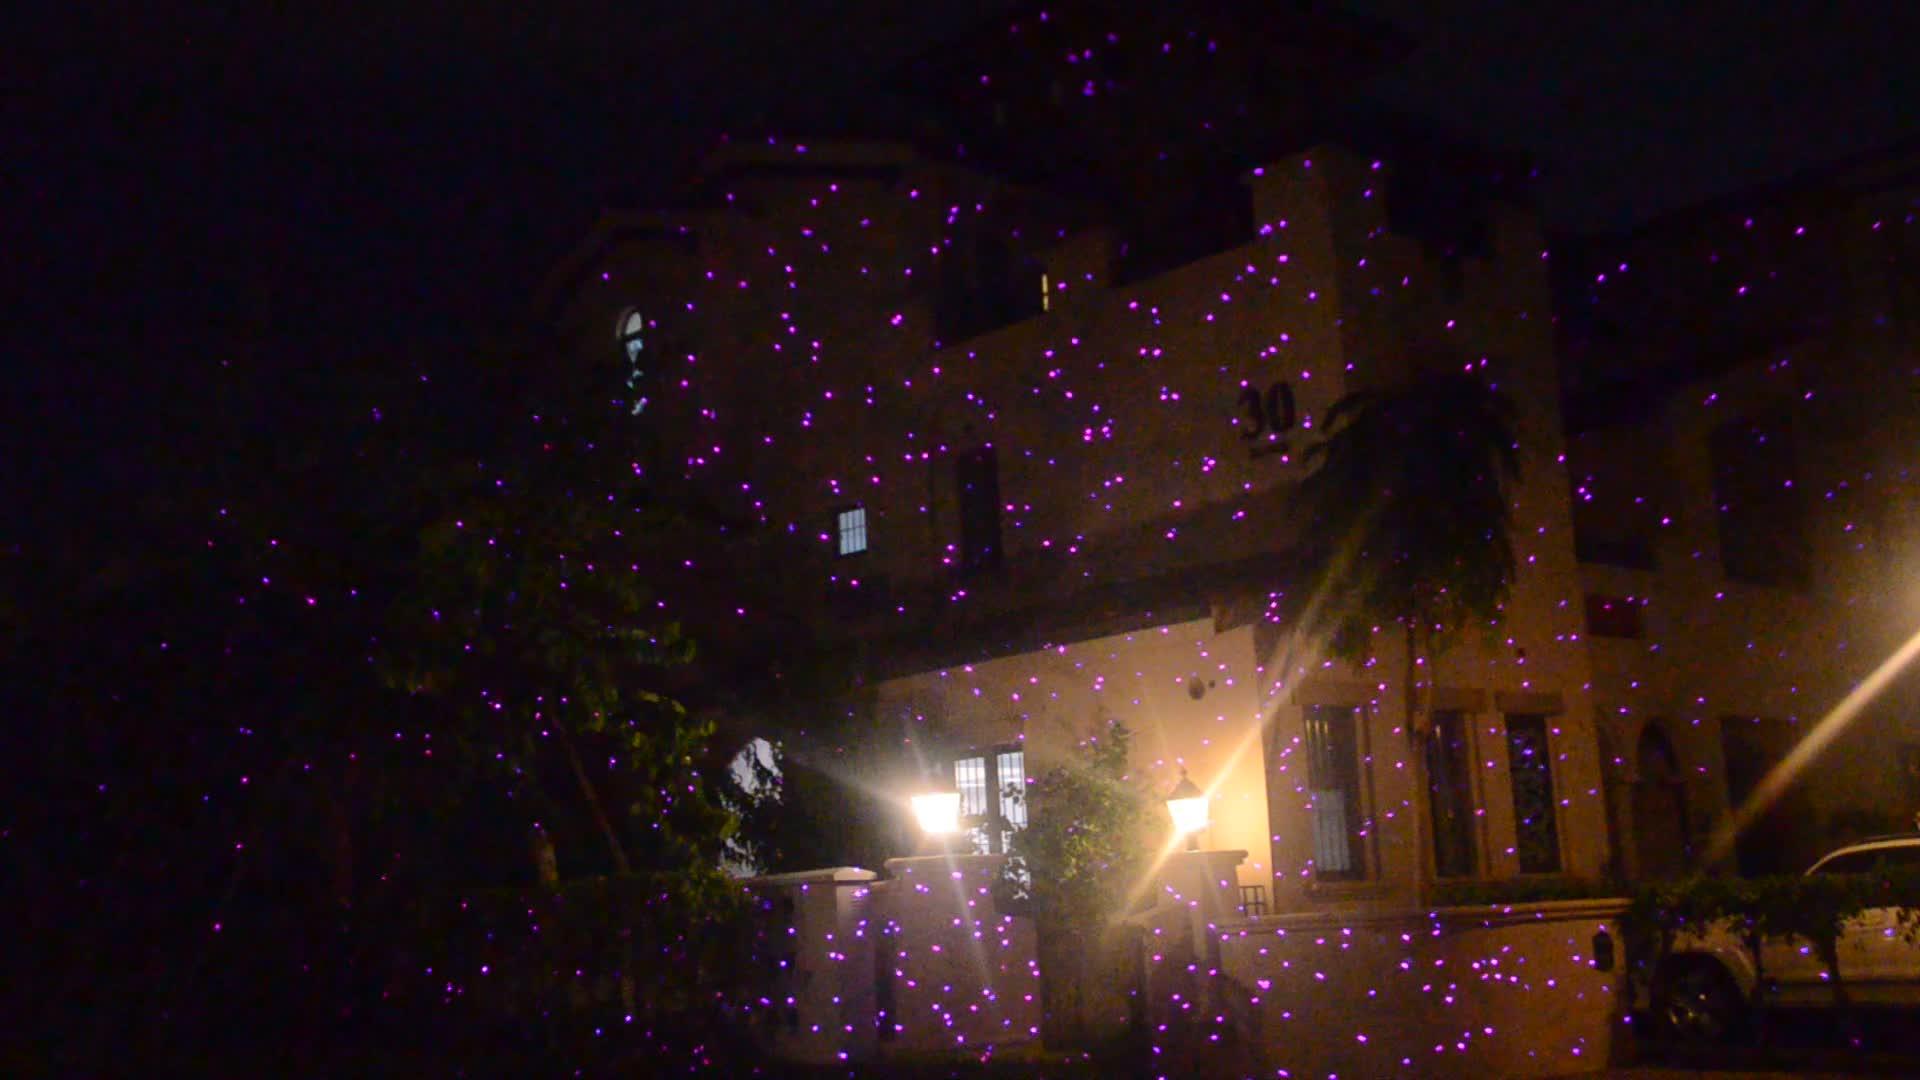 christmas light manufacturers named optlaser developed white laser lights